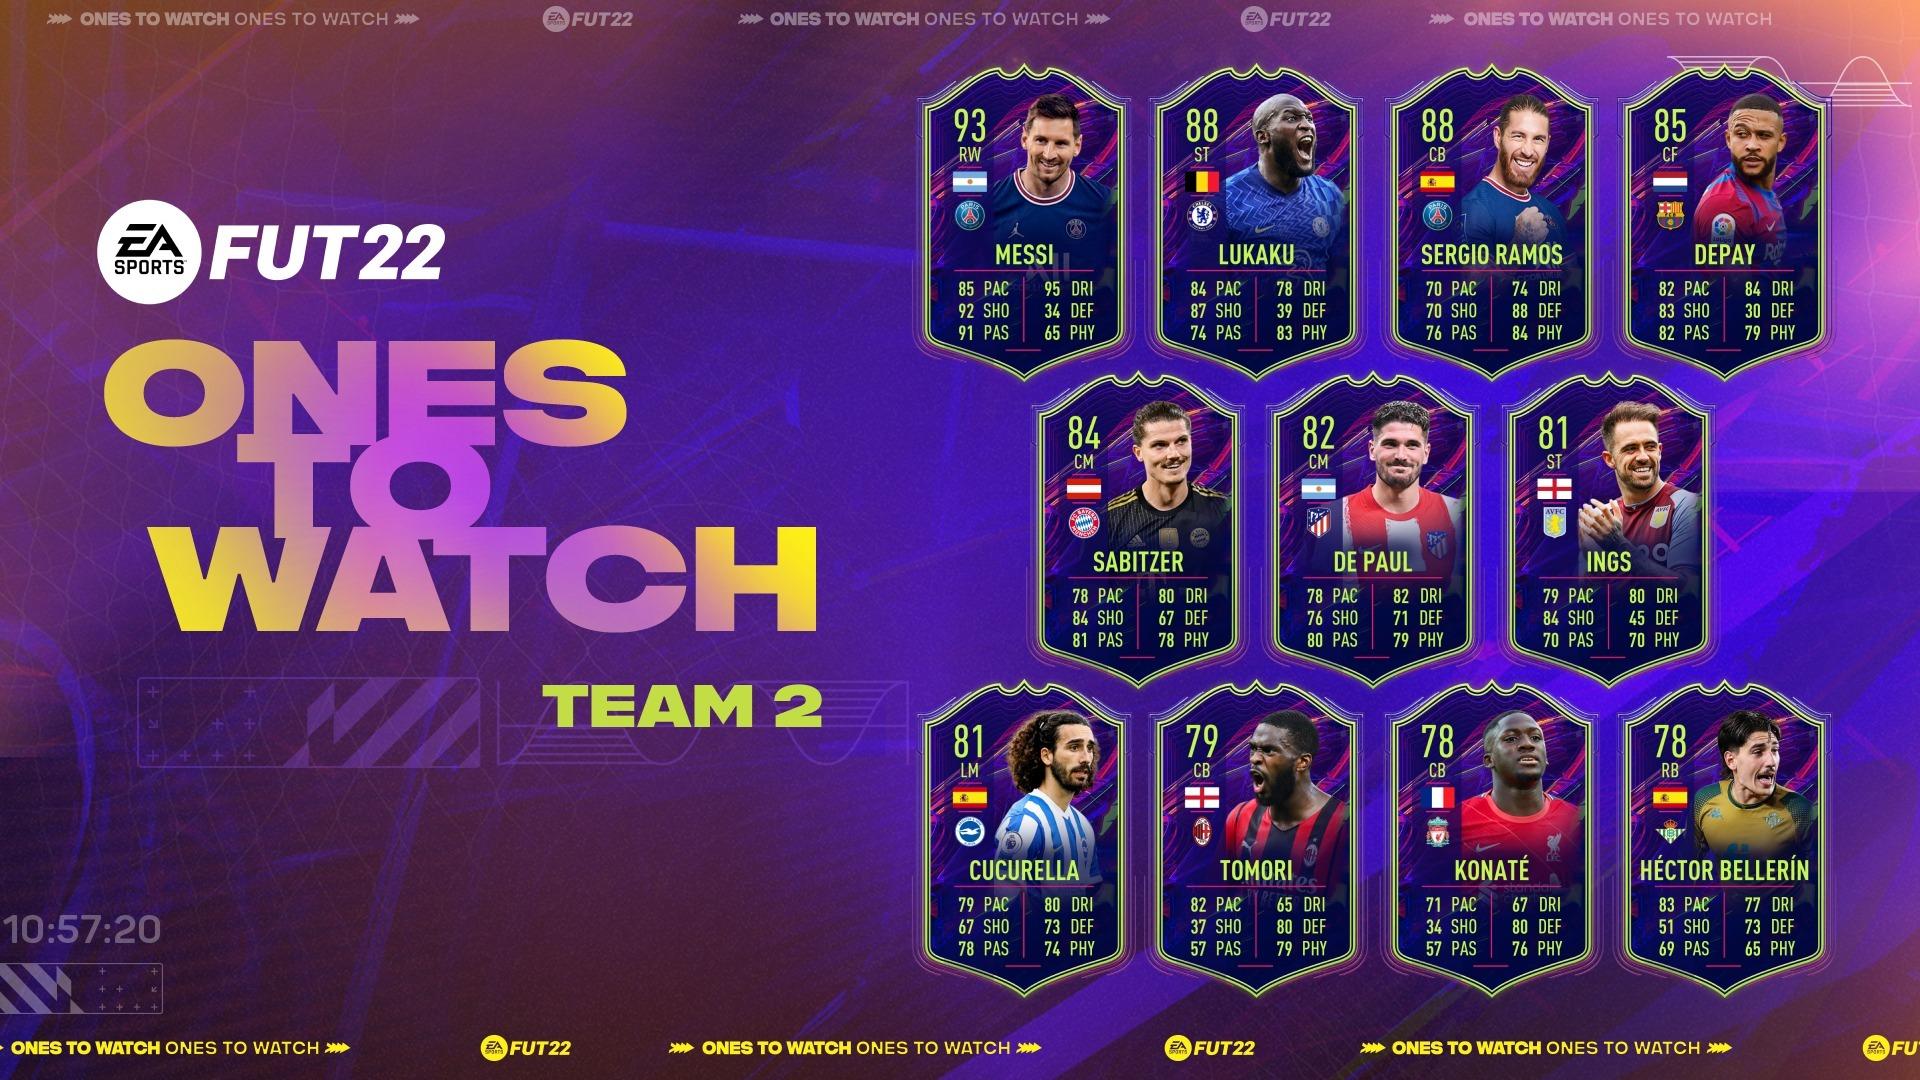 Drużyna 2 OTW FIFA 22